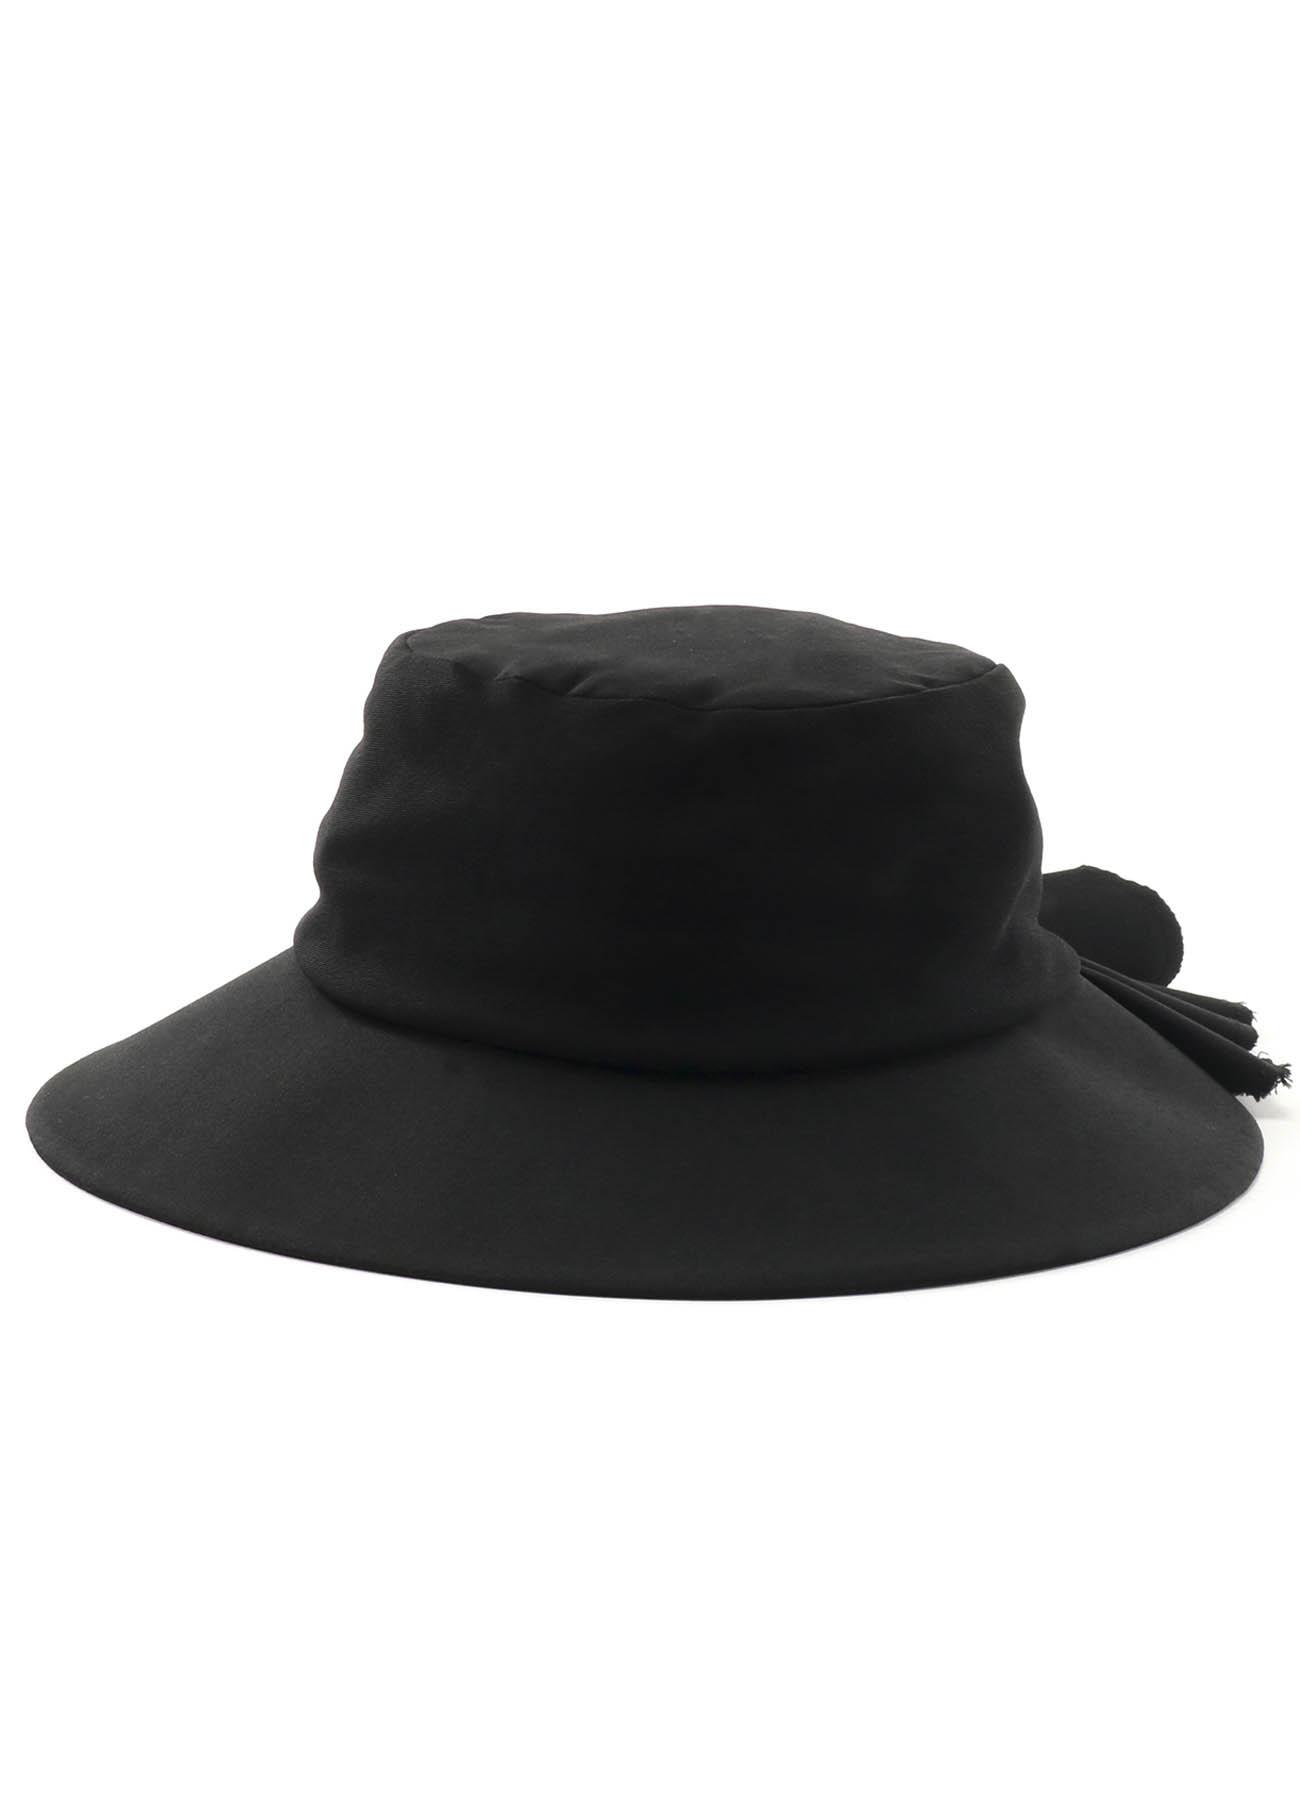 裙摆遮阳帽